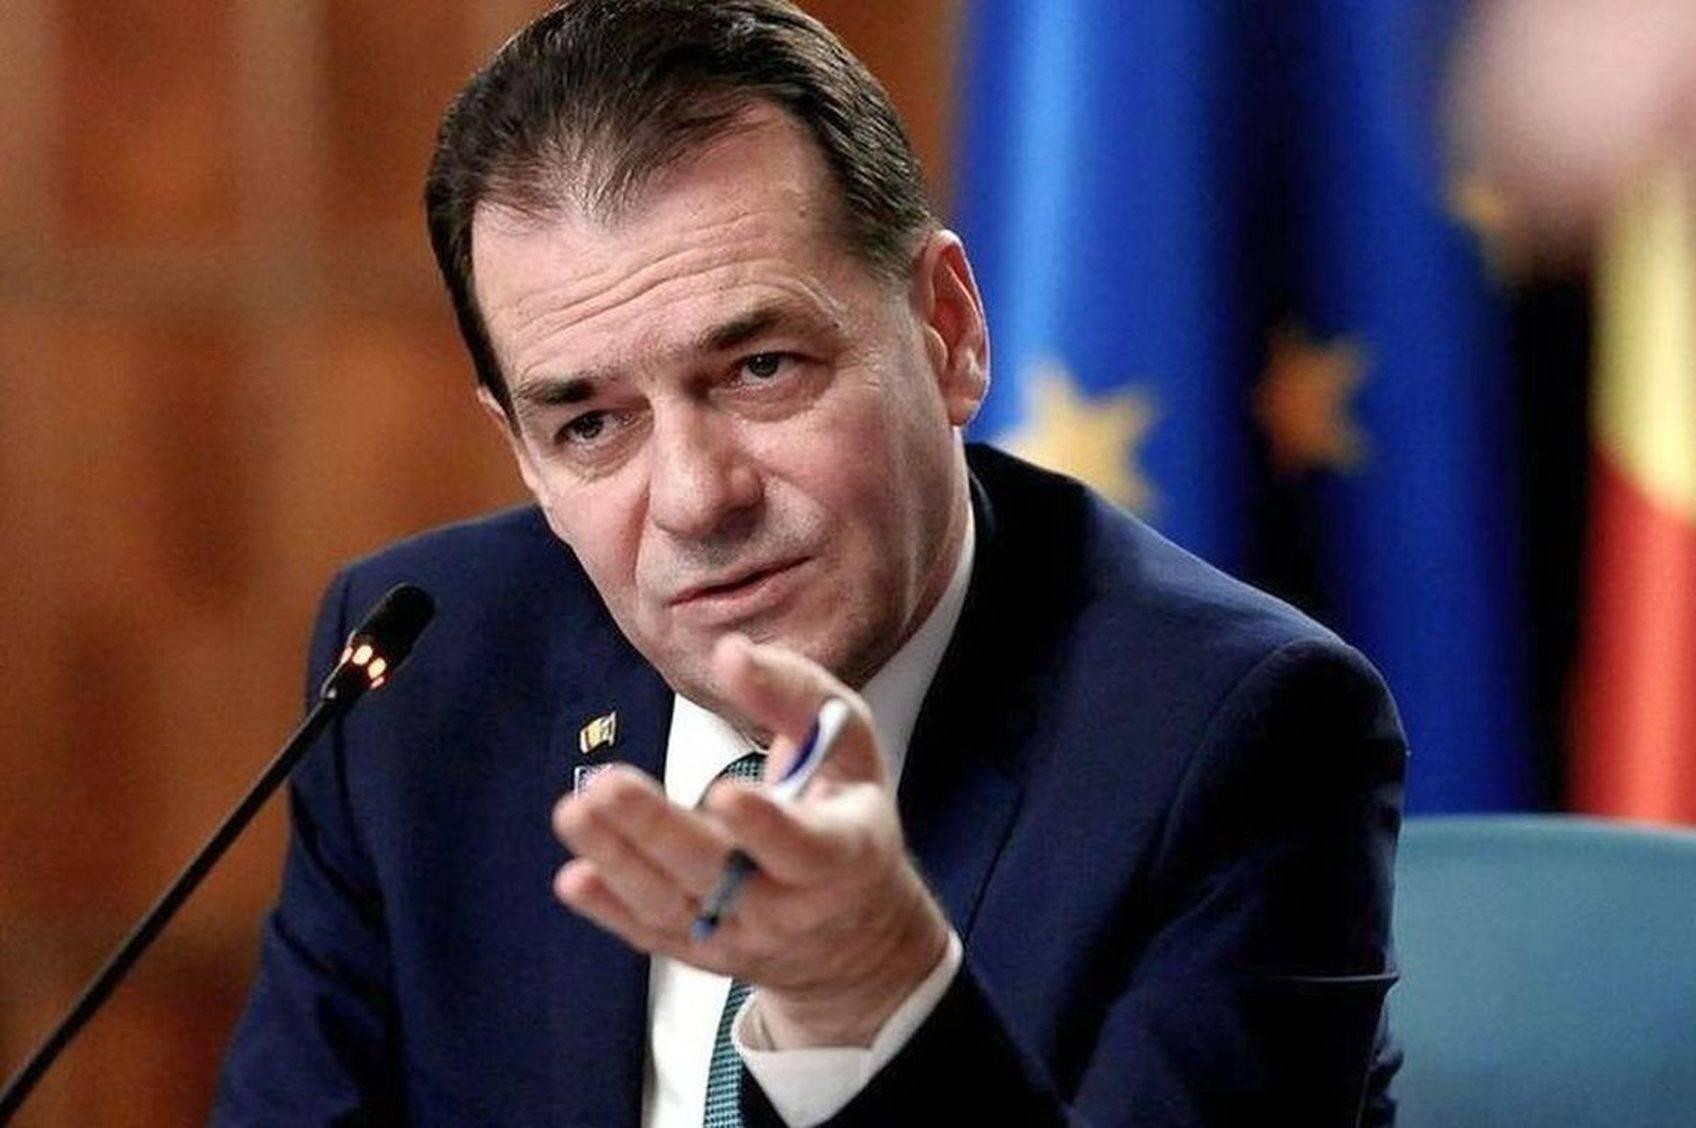 UDMR se opune desființării pensiilor speciale pentru primari. Orban sprijină anunțul formațiunii politice